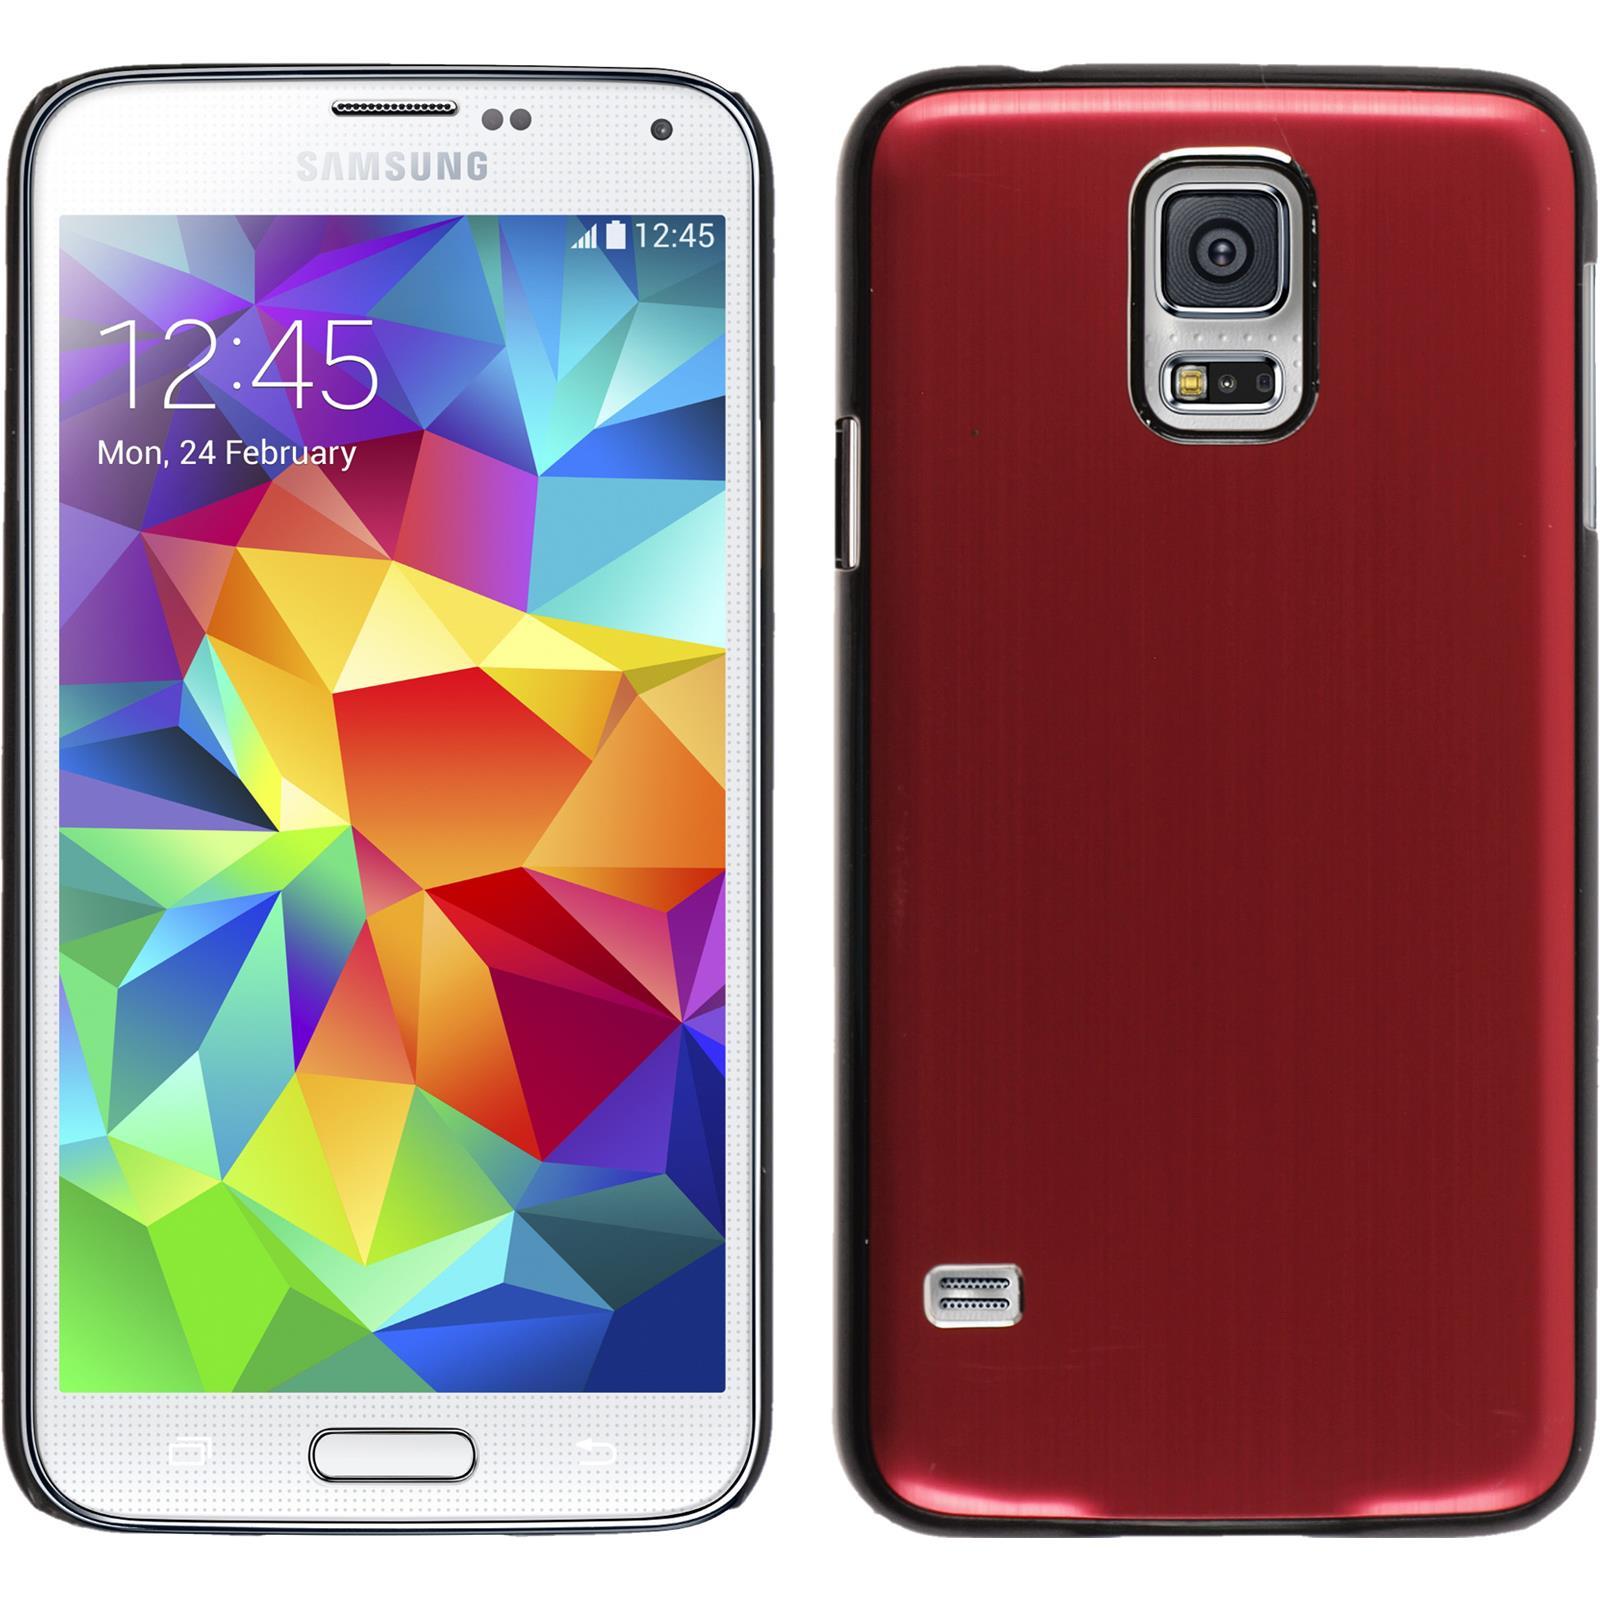 Custodia-Rigida-Samsung-Galaxy-S5-metallico-pellicola-protettiva